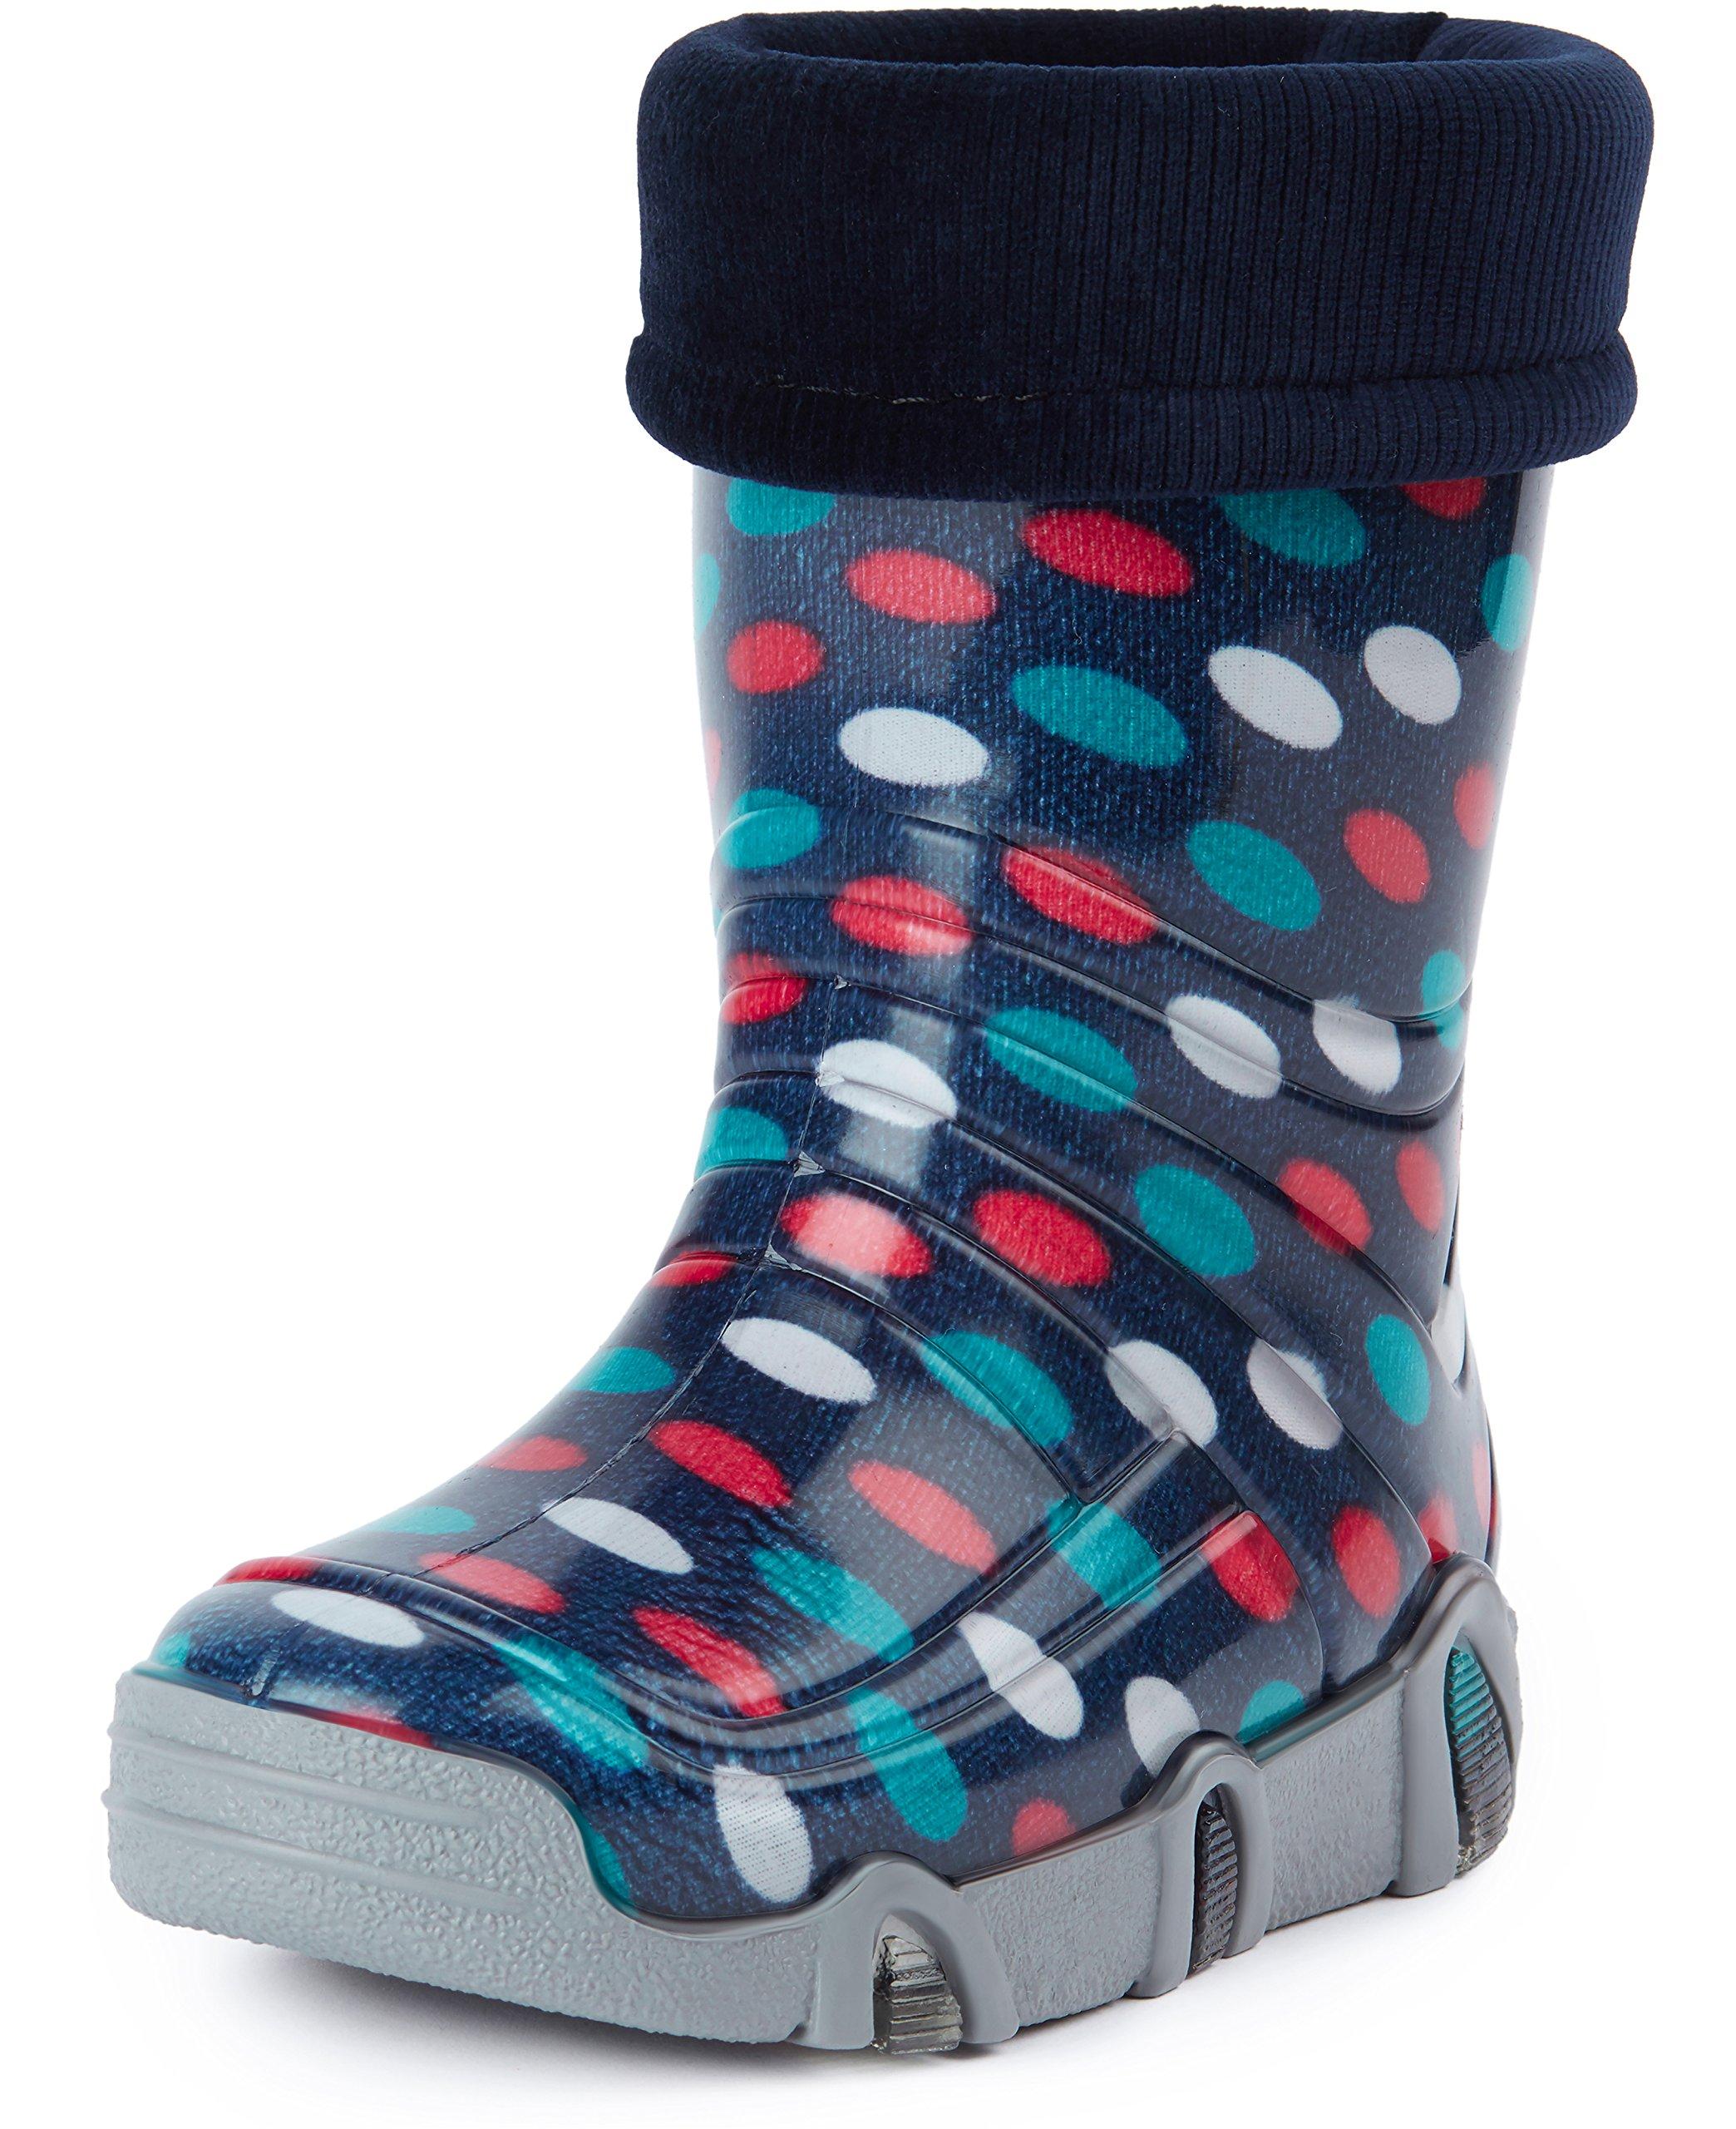 94d63ceca8e Ladeheid Botas de Agua Zapatos de Seguridad Calzado Unisex Niños Swk  product image